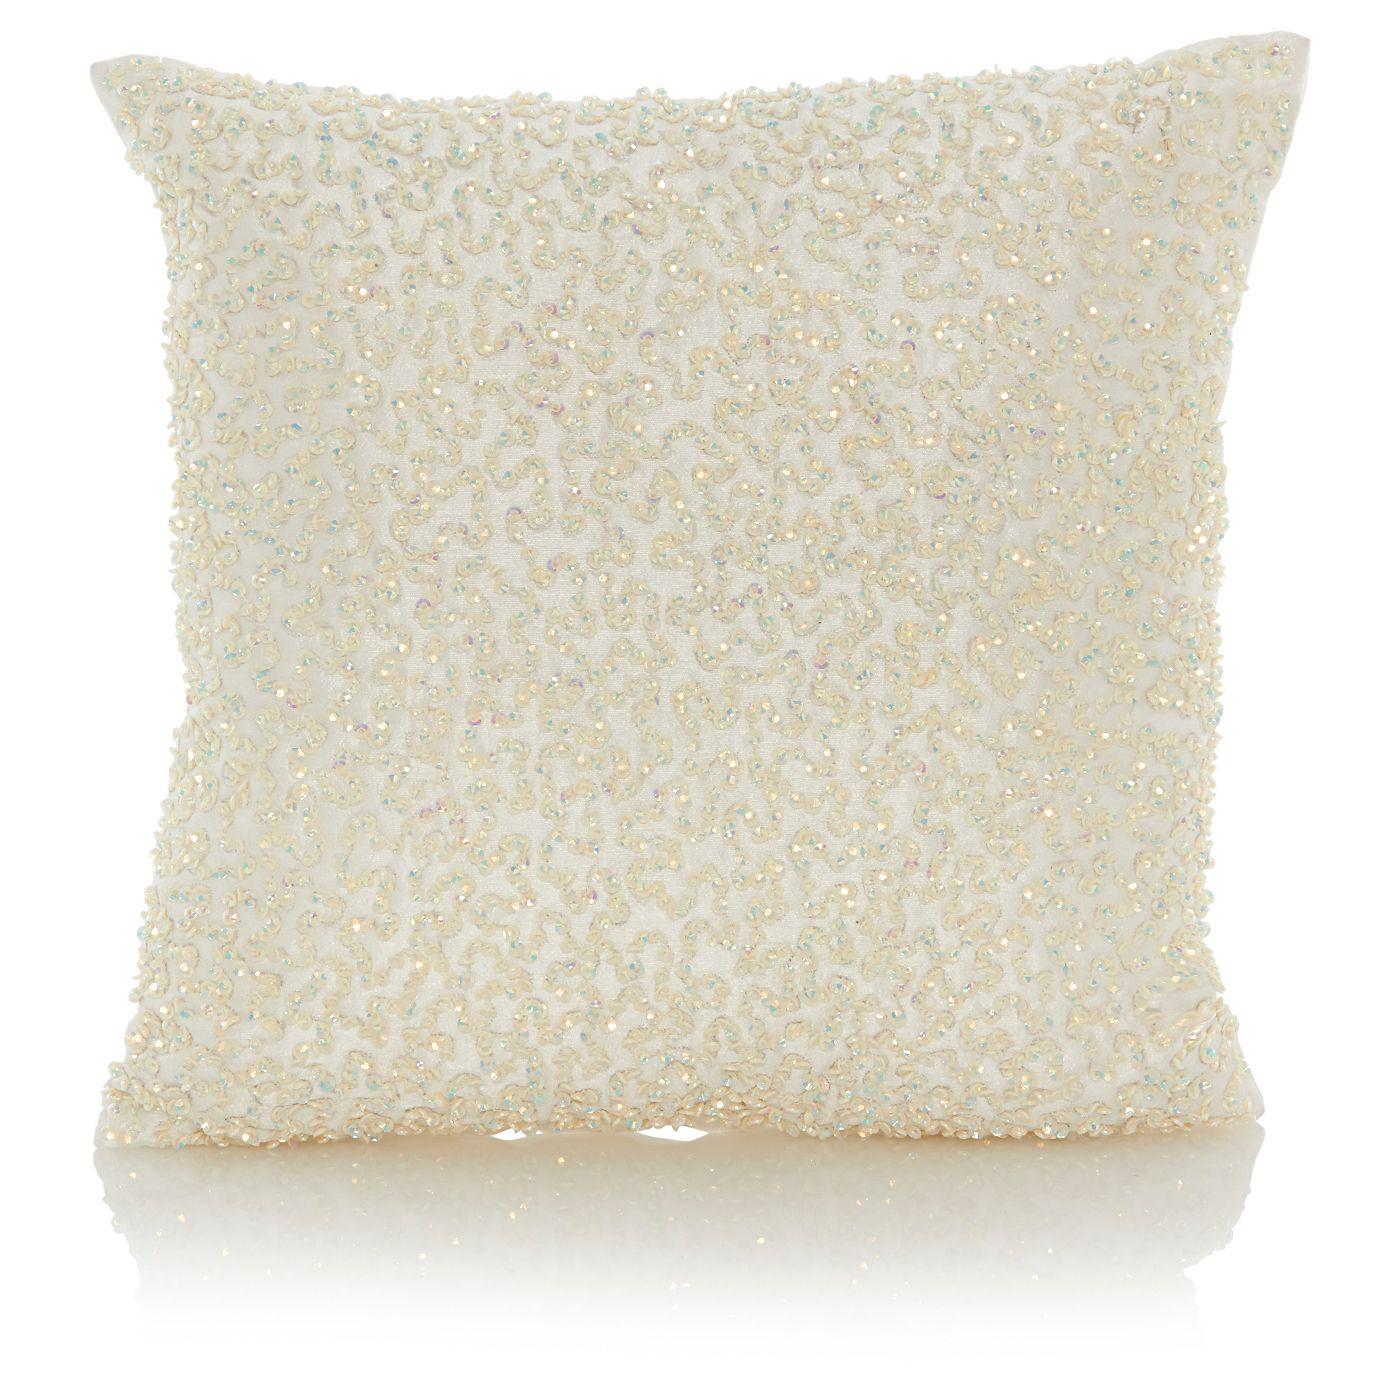 Home Cream Sparkle Sequin Cushion Cushions ASDA